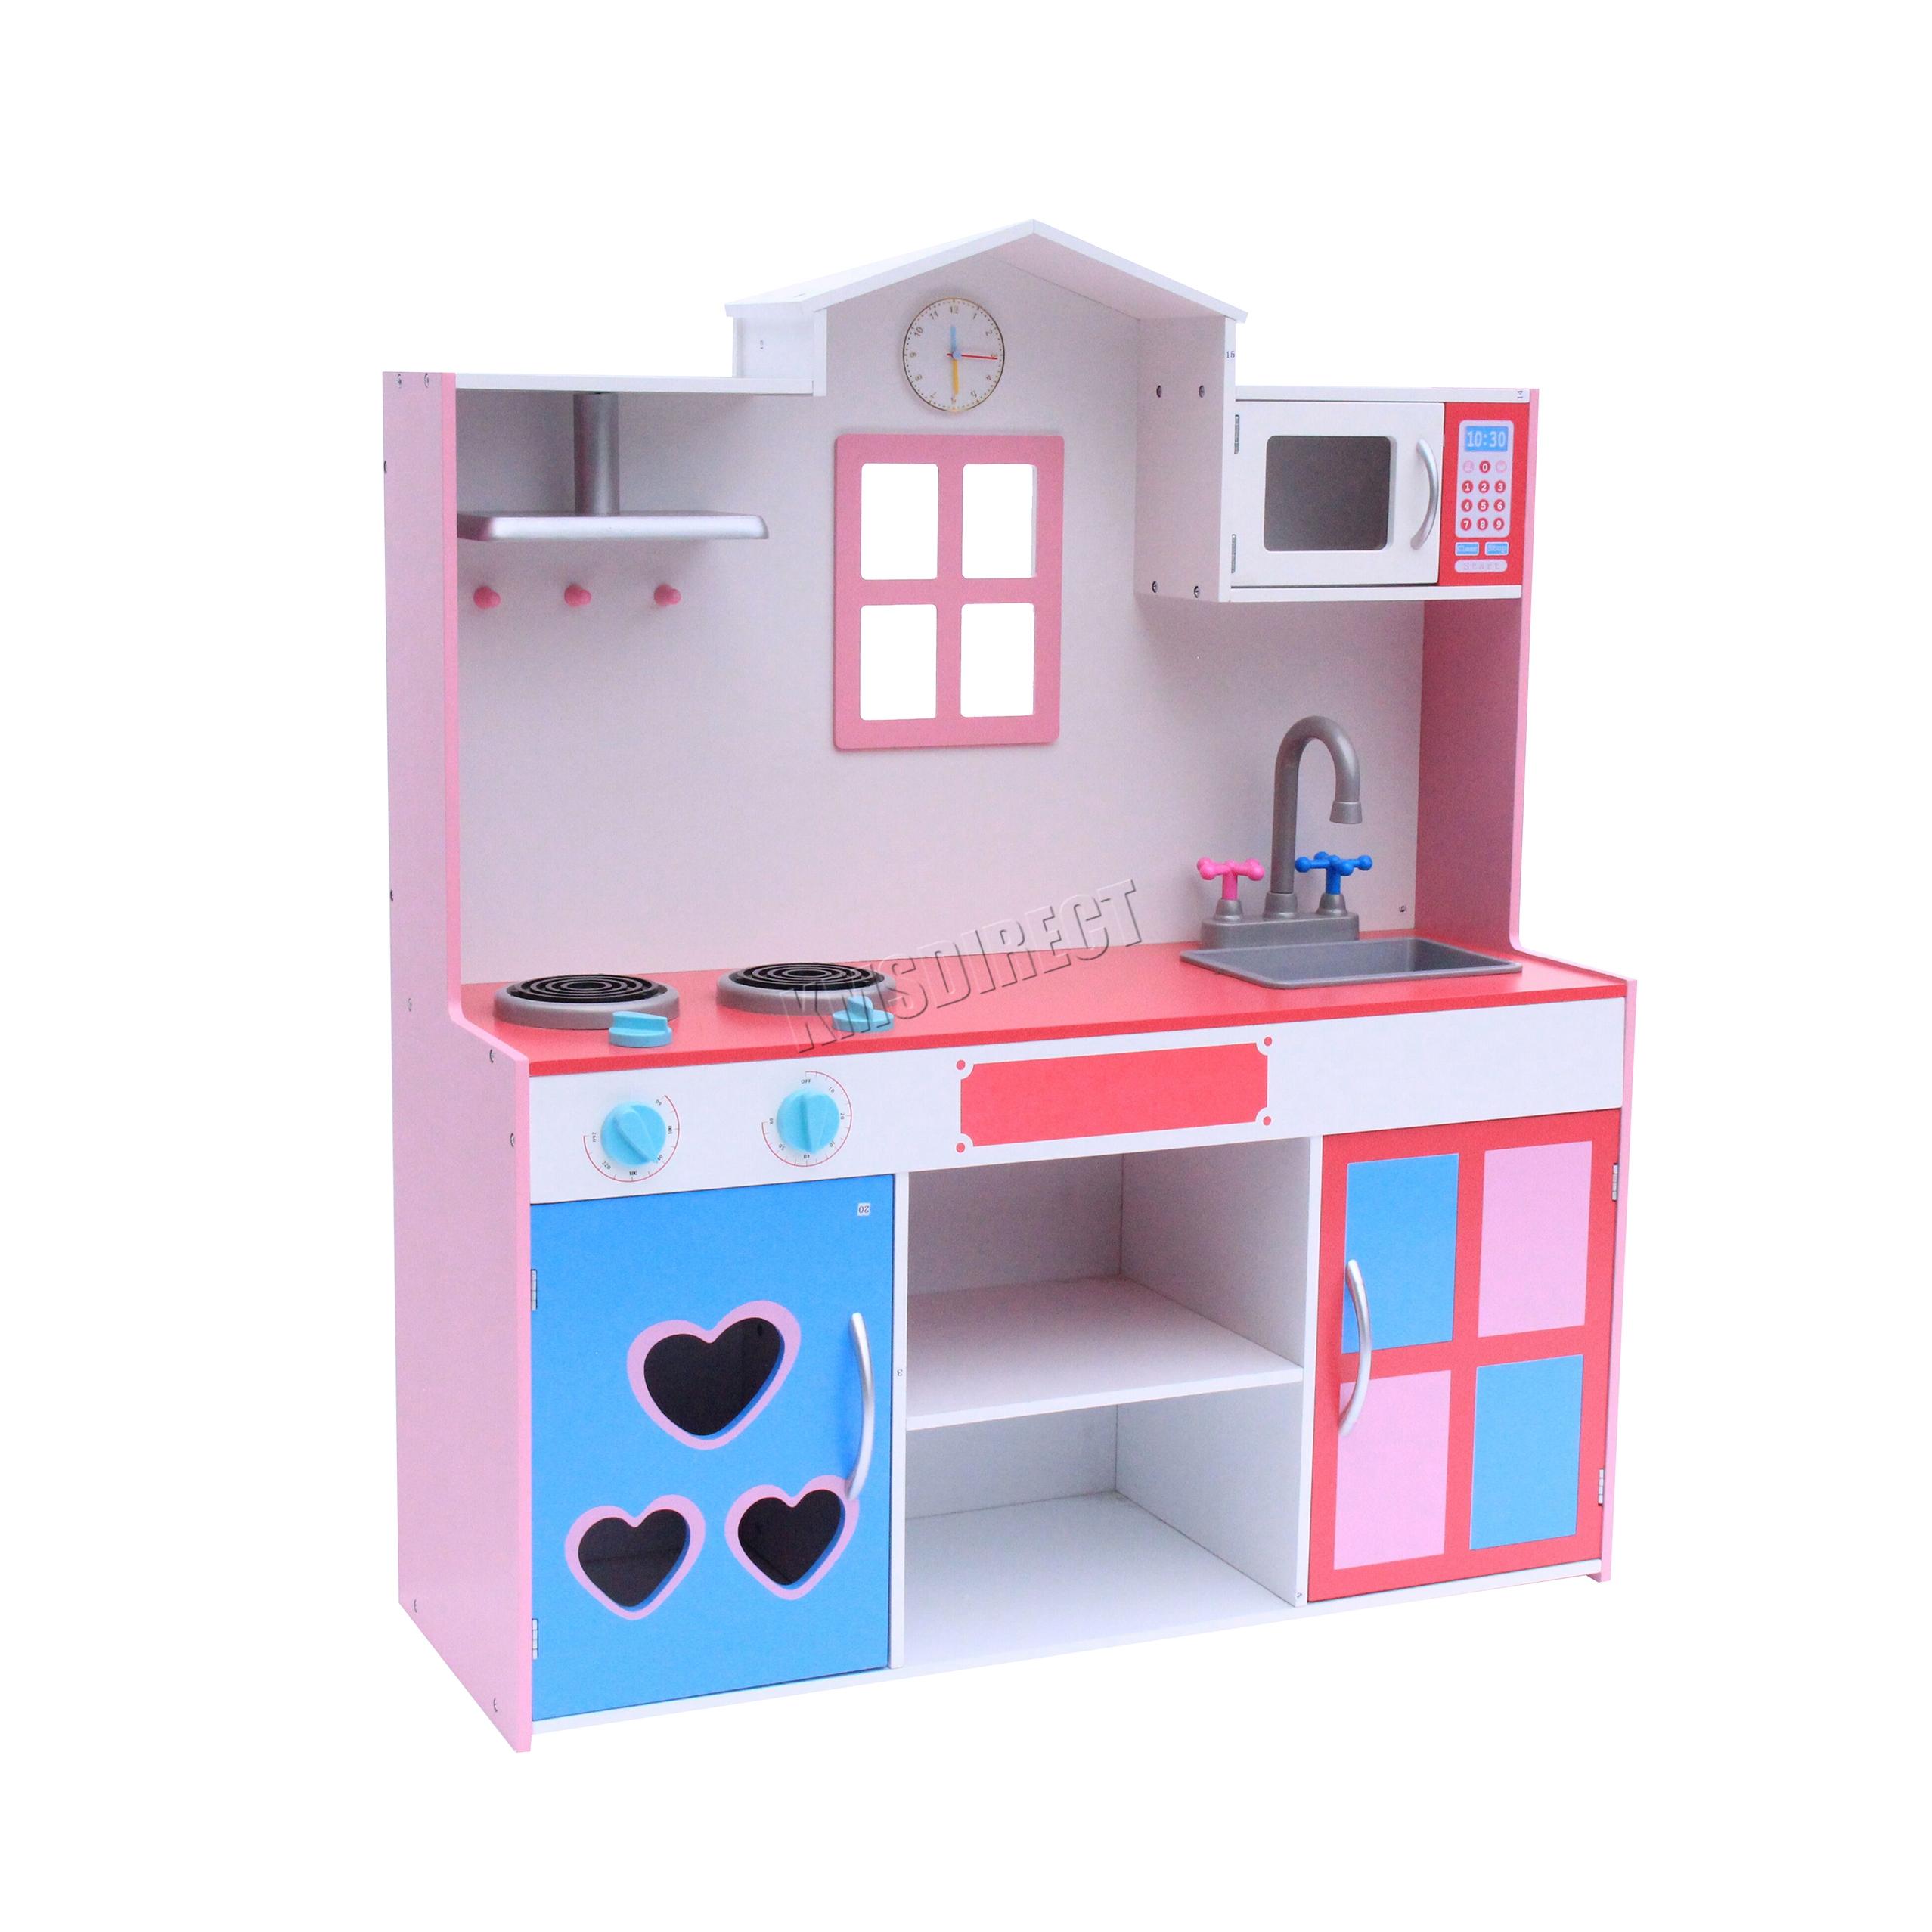 FoxHunter Wooden Kitchen Playset Toy Kids Children Cooking